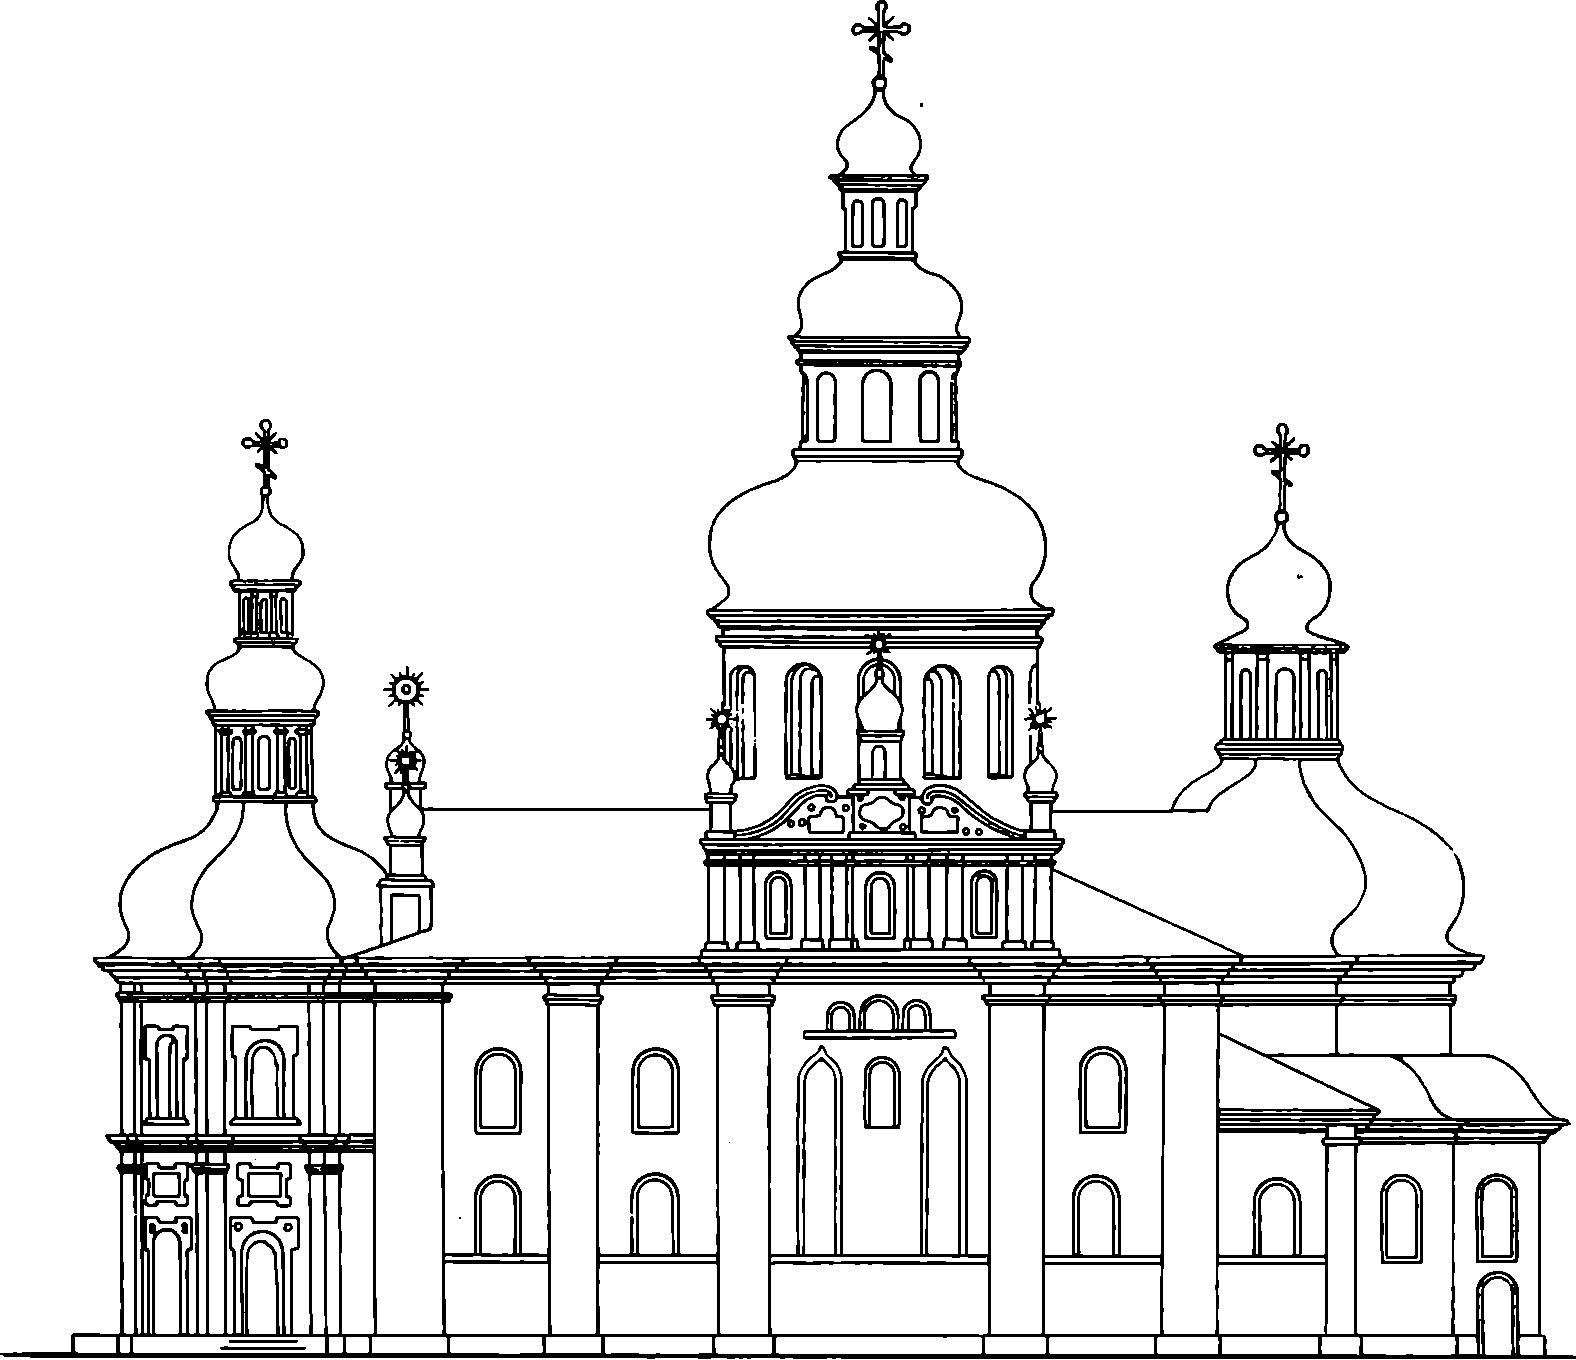 Рис. 1. Собор до реконструкции 1857 г.